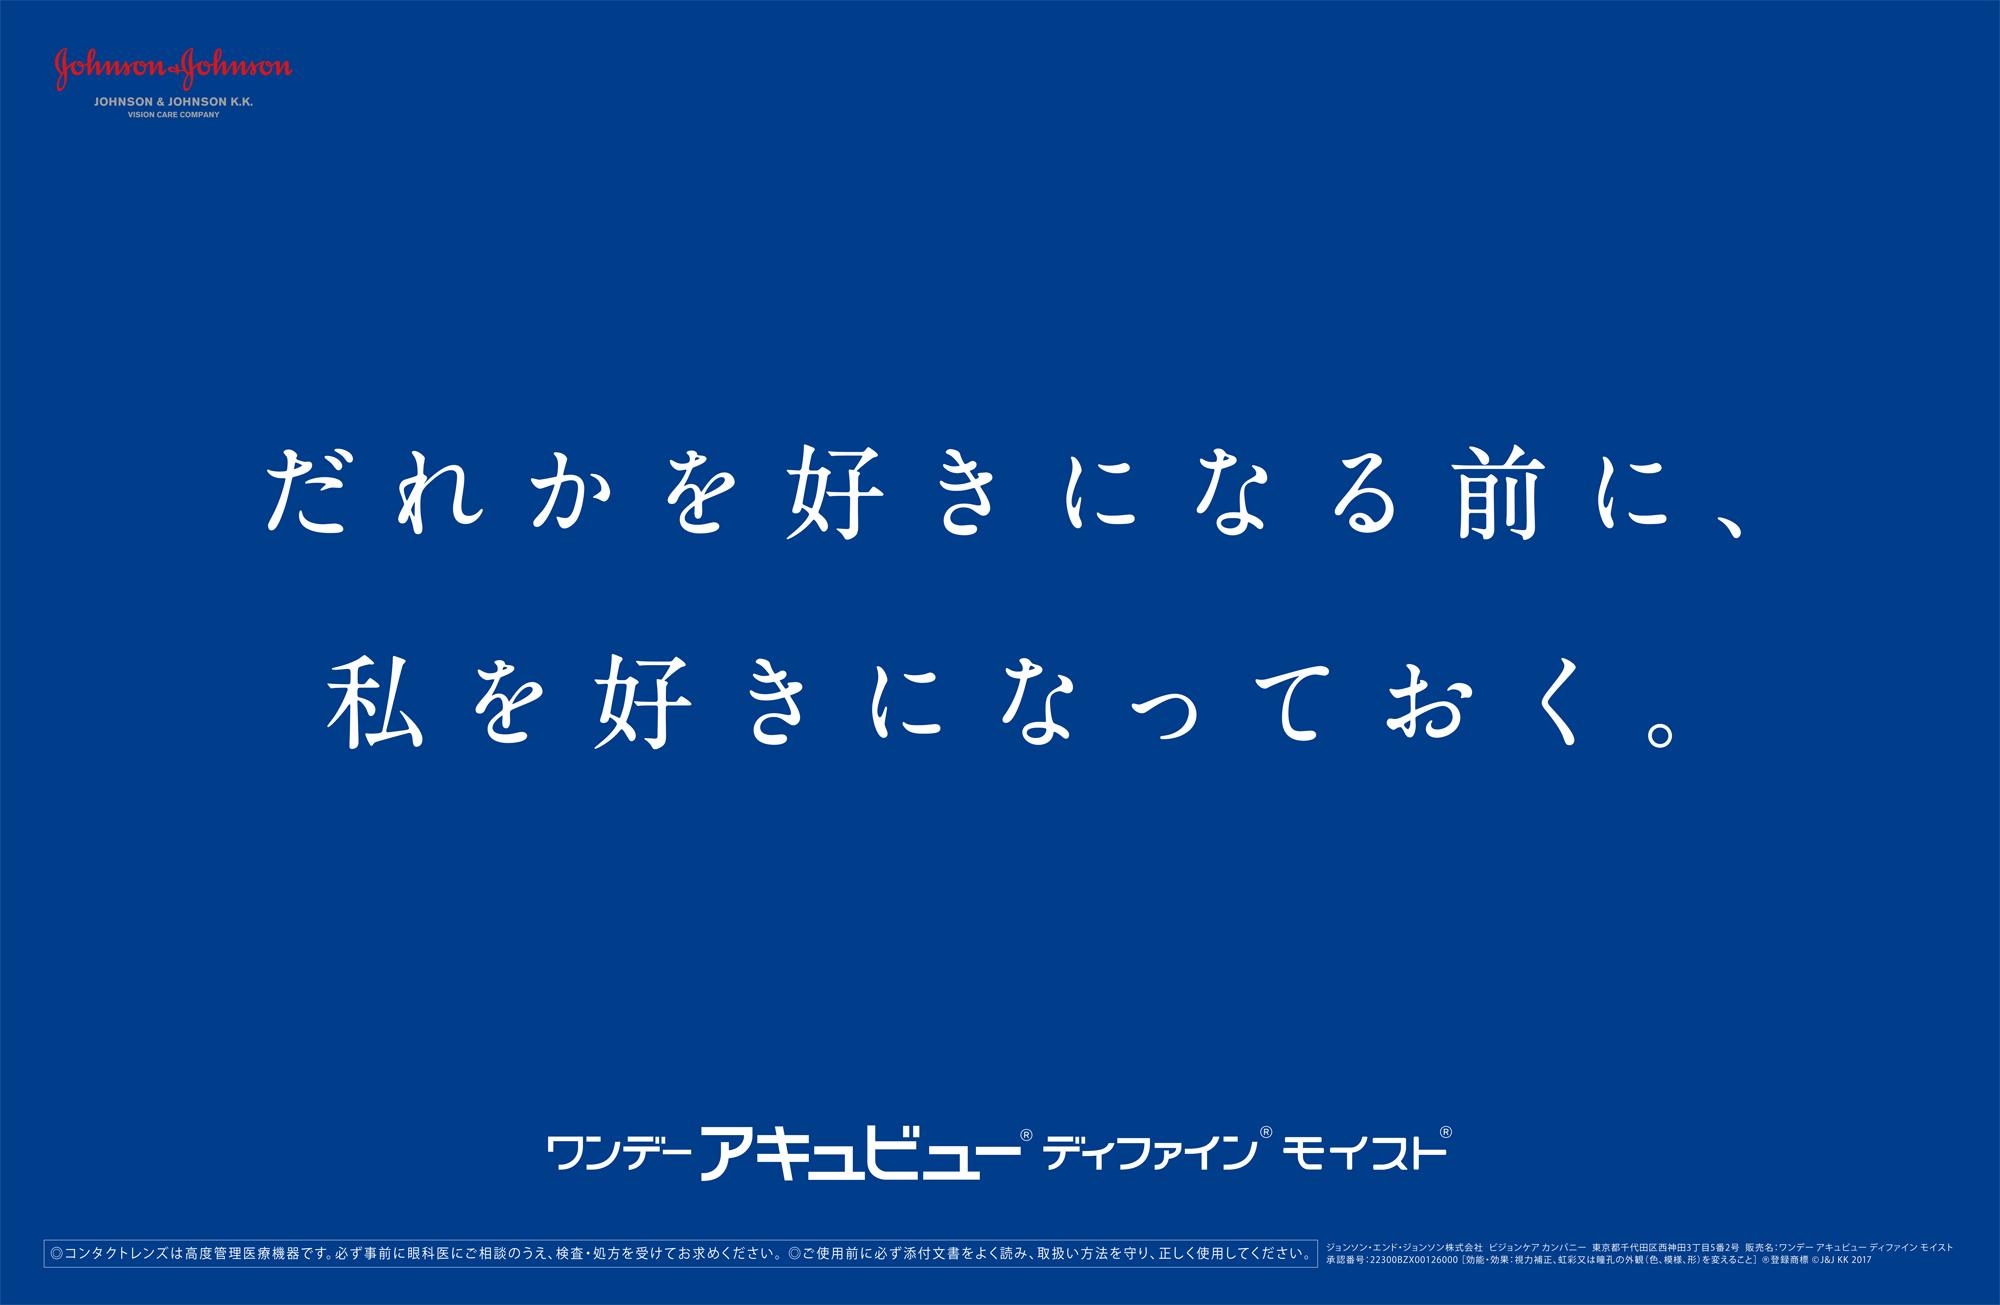 JJ_define_まど上_コピー2